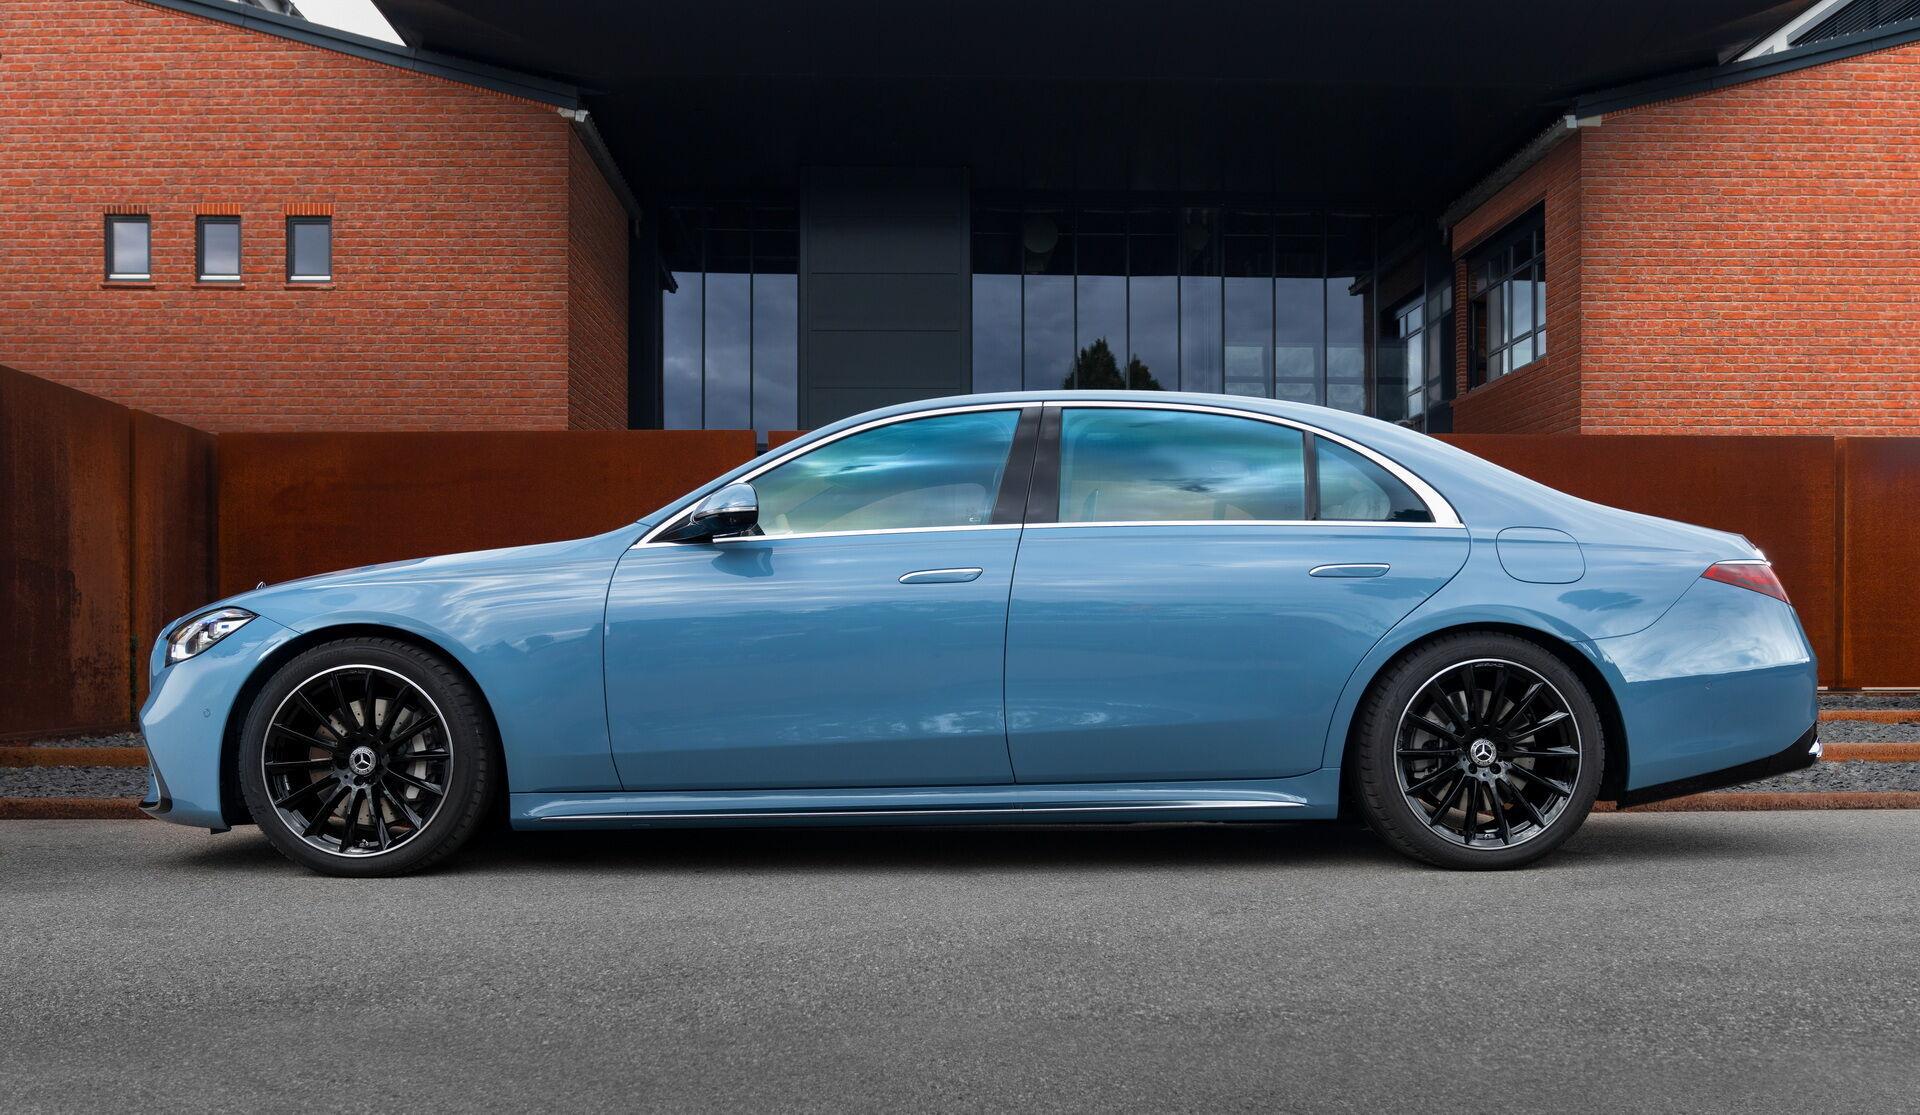 Сделать свой автомобиль уникальным смогут покупатели Mercedes-Benz CLS и S-Class, Mercedes-AMG GT, а также Mercedes-Maybach S-Class